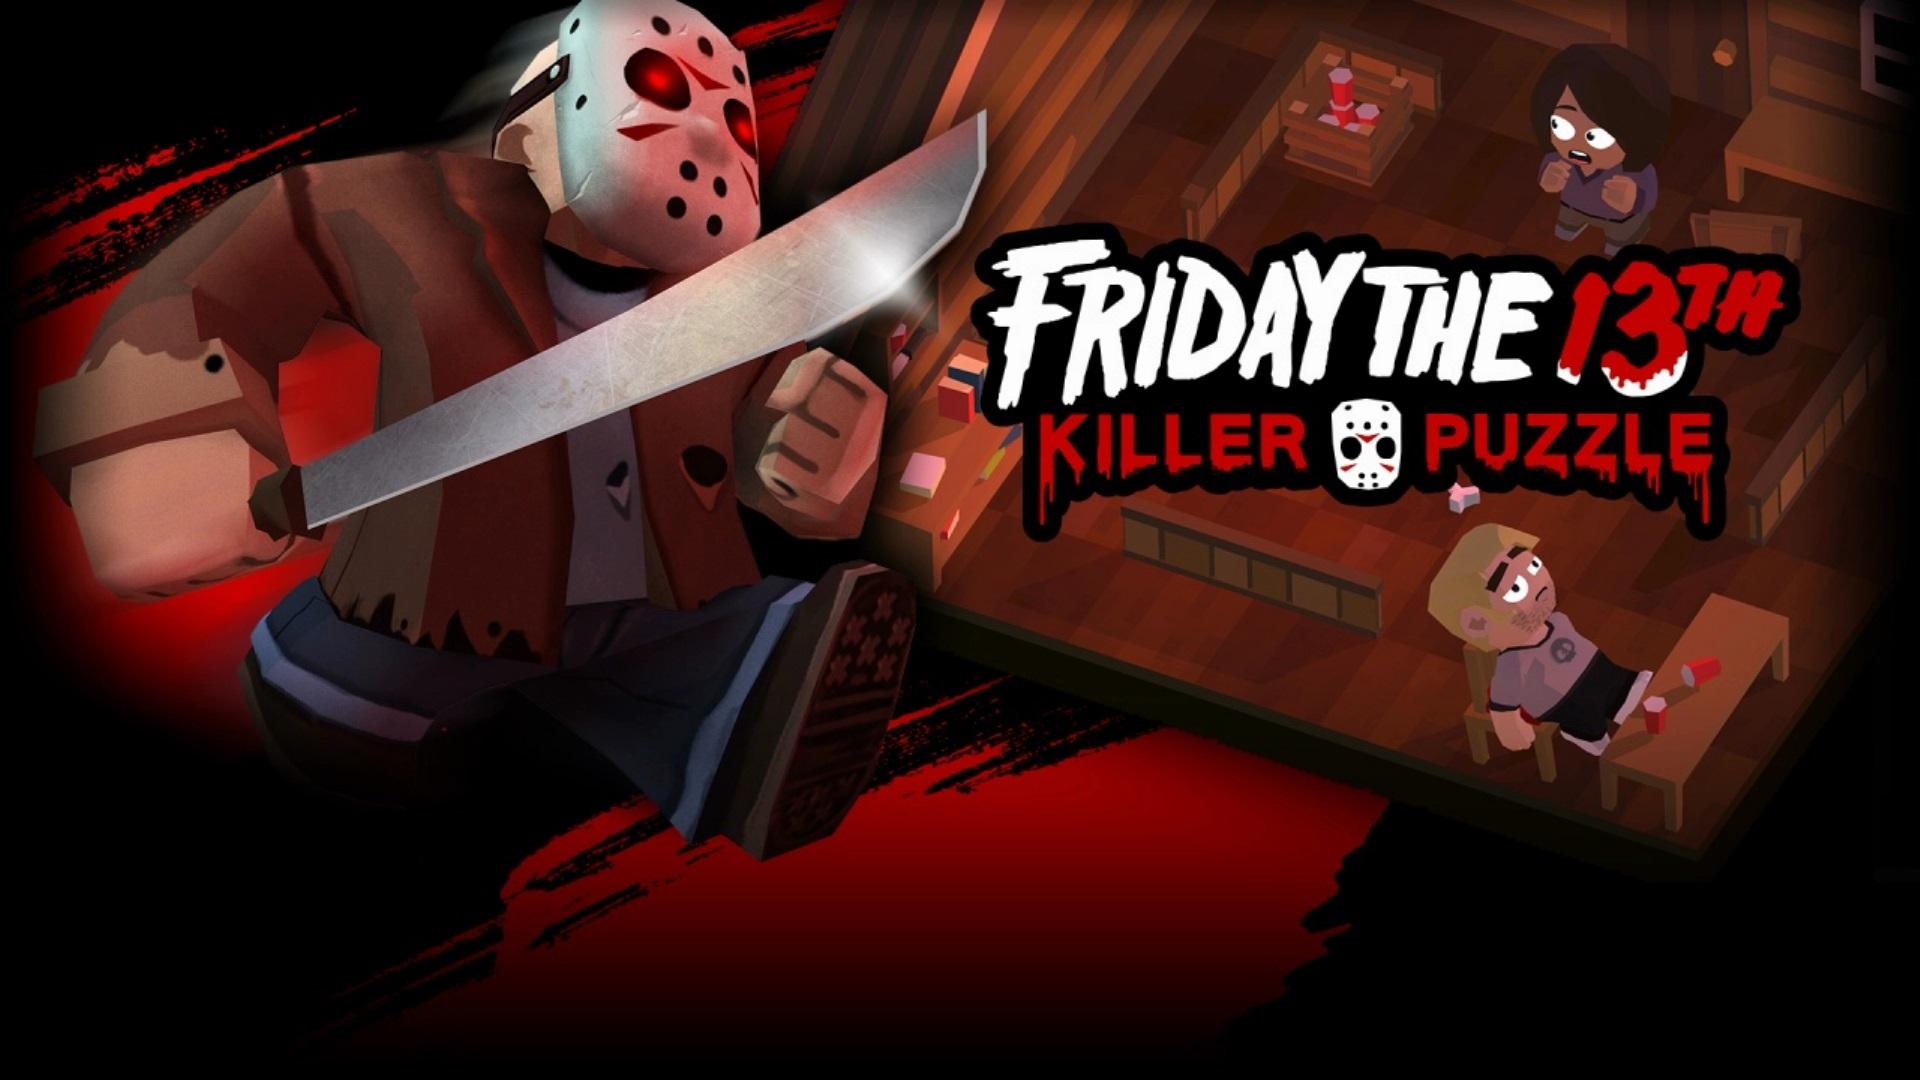 Friday The 13th Killer Puzzle Pubblicato Il Trailer Di Lancio